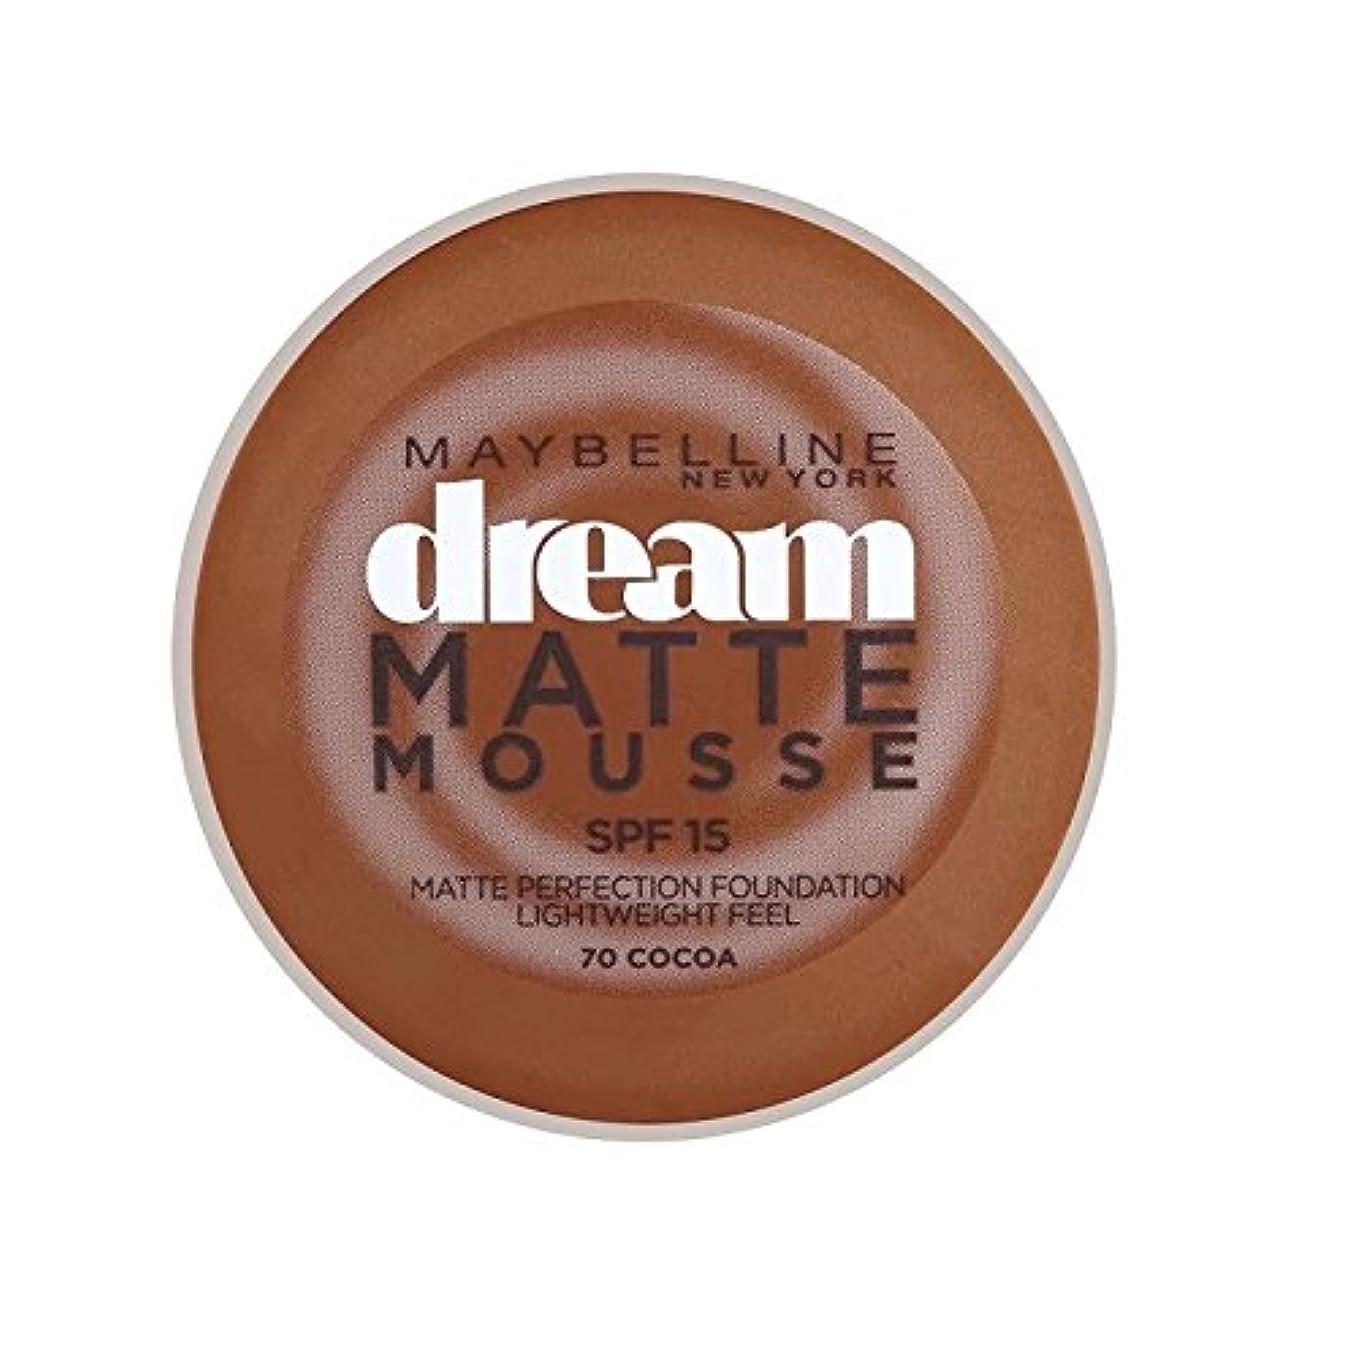 ネックレット雇った敵Maybelline Dream Matte Mousse Foundation 70 Cocoa 10ml (Pack of 6) - メイベリン夢のマットムース基盤70ココア10ミリリットル x6 [並行輸入品]